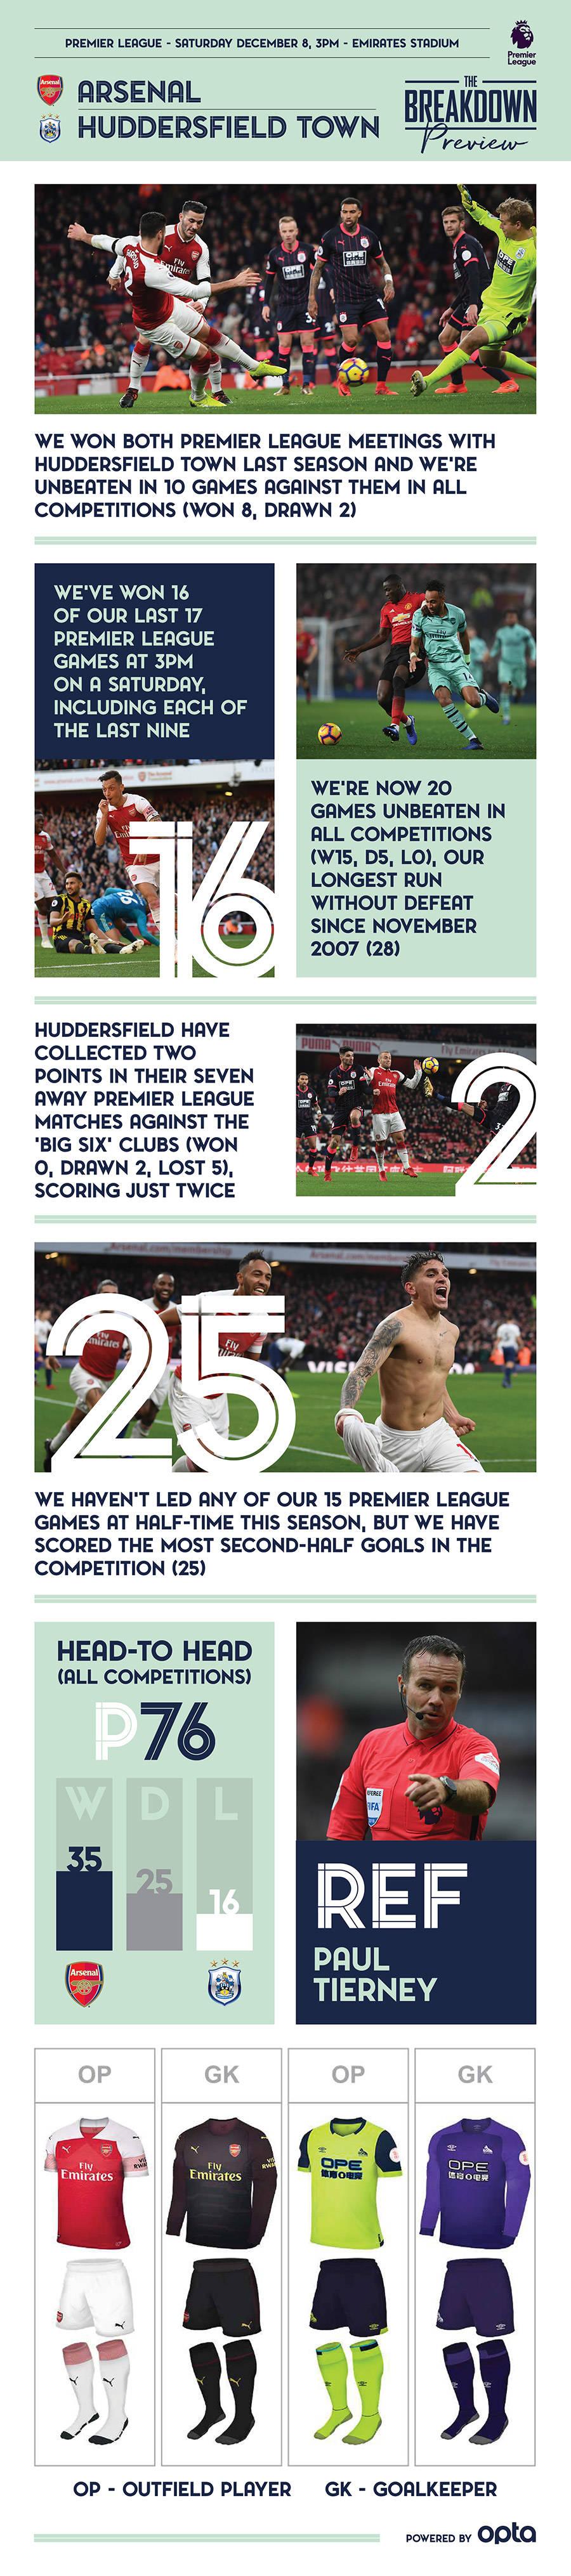 The Breakdown - Huddersfield